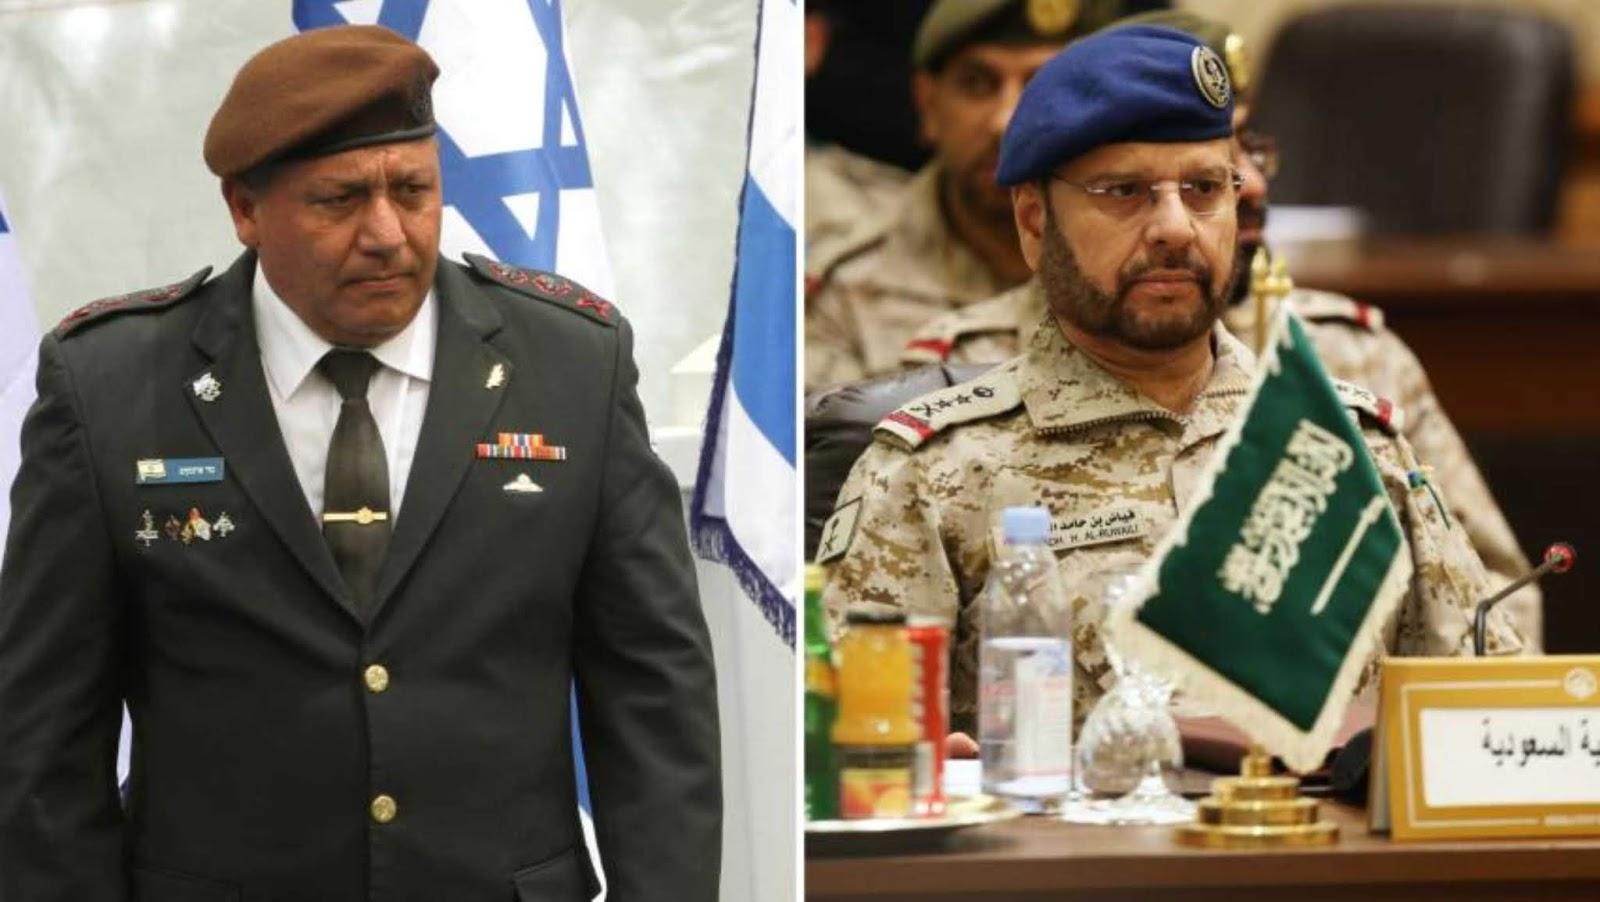 Petinggi militer Israel dan Saudi di Washington